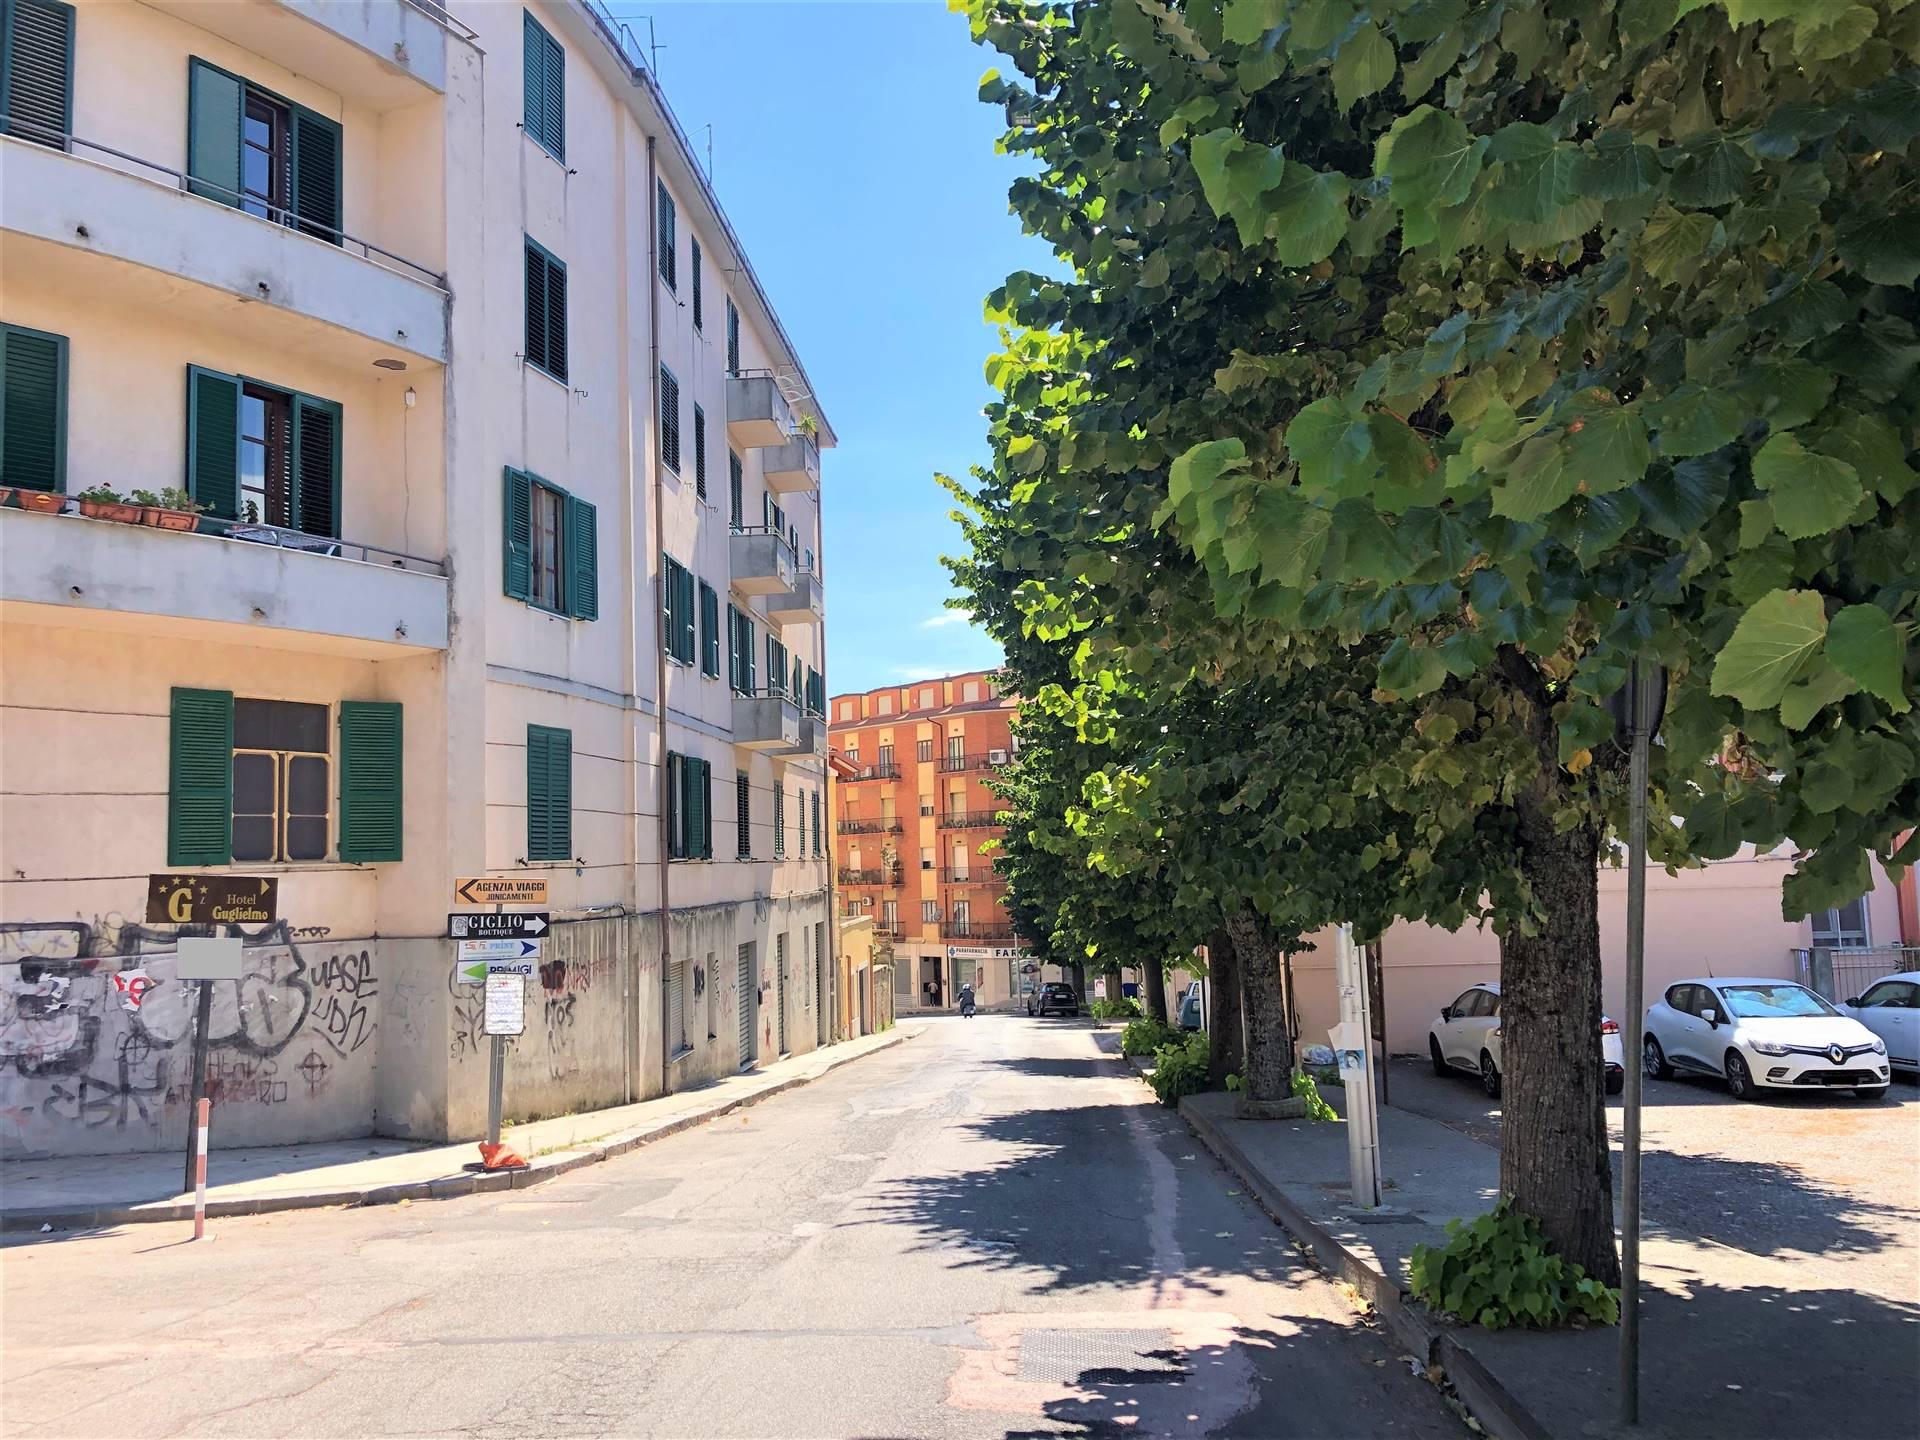 Magazzino in vendita a Catanzaro, 1 locali, zona Zona: Quartiere S. Leonardo , prezzo € 30.000 | CambioCasa.it